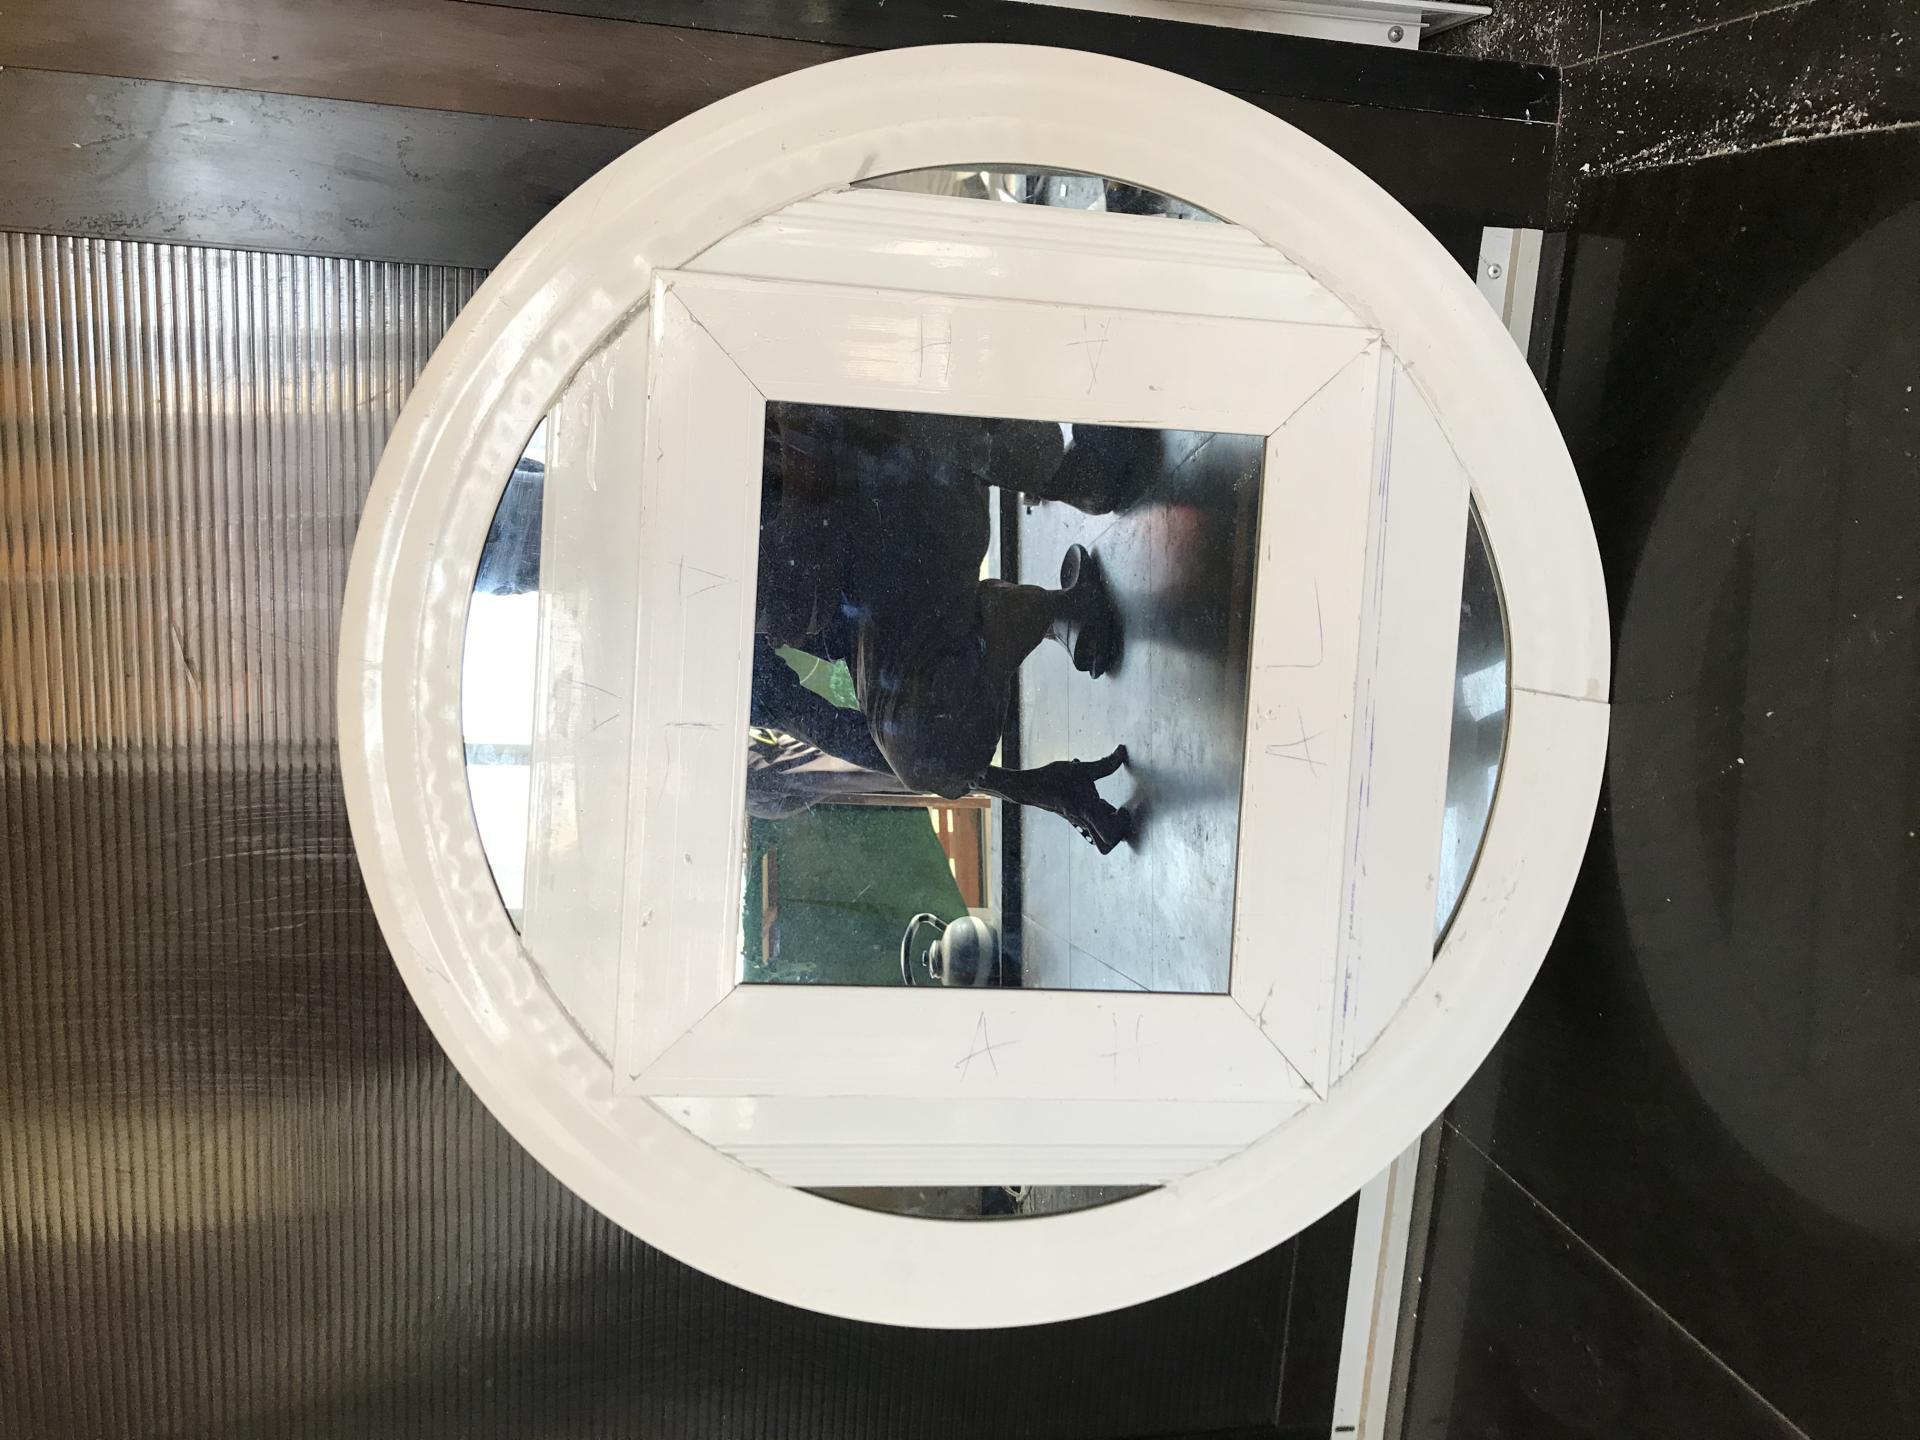 acier inoxydable filetage standard G1//4 bonne dissipation thermique Noir syst/ème de refroidissement informatique PMMA Indicateur de d/ébit deau D/ébitm/ètre deau s/ûr /à utiliser aluminium